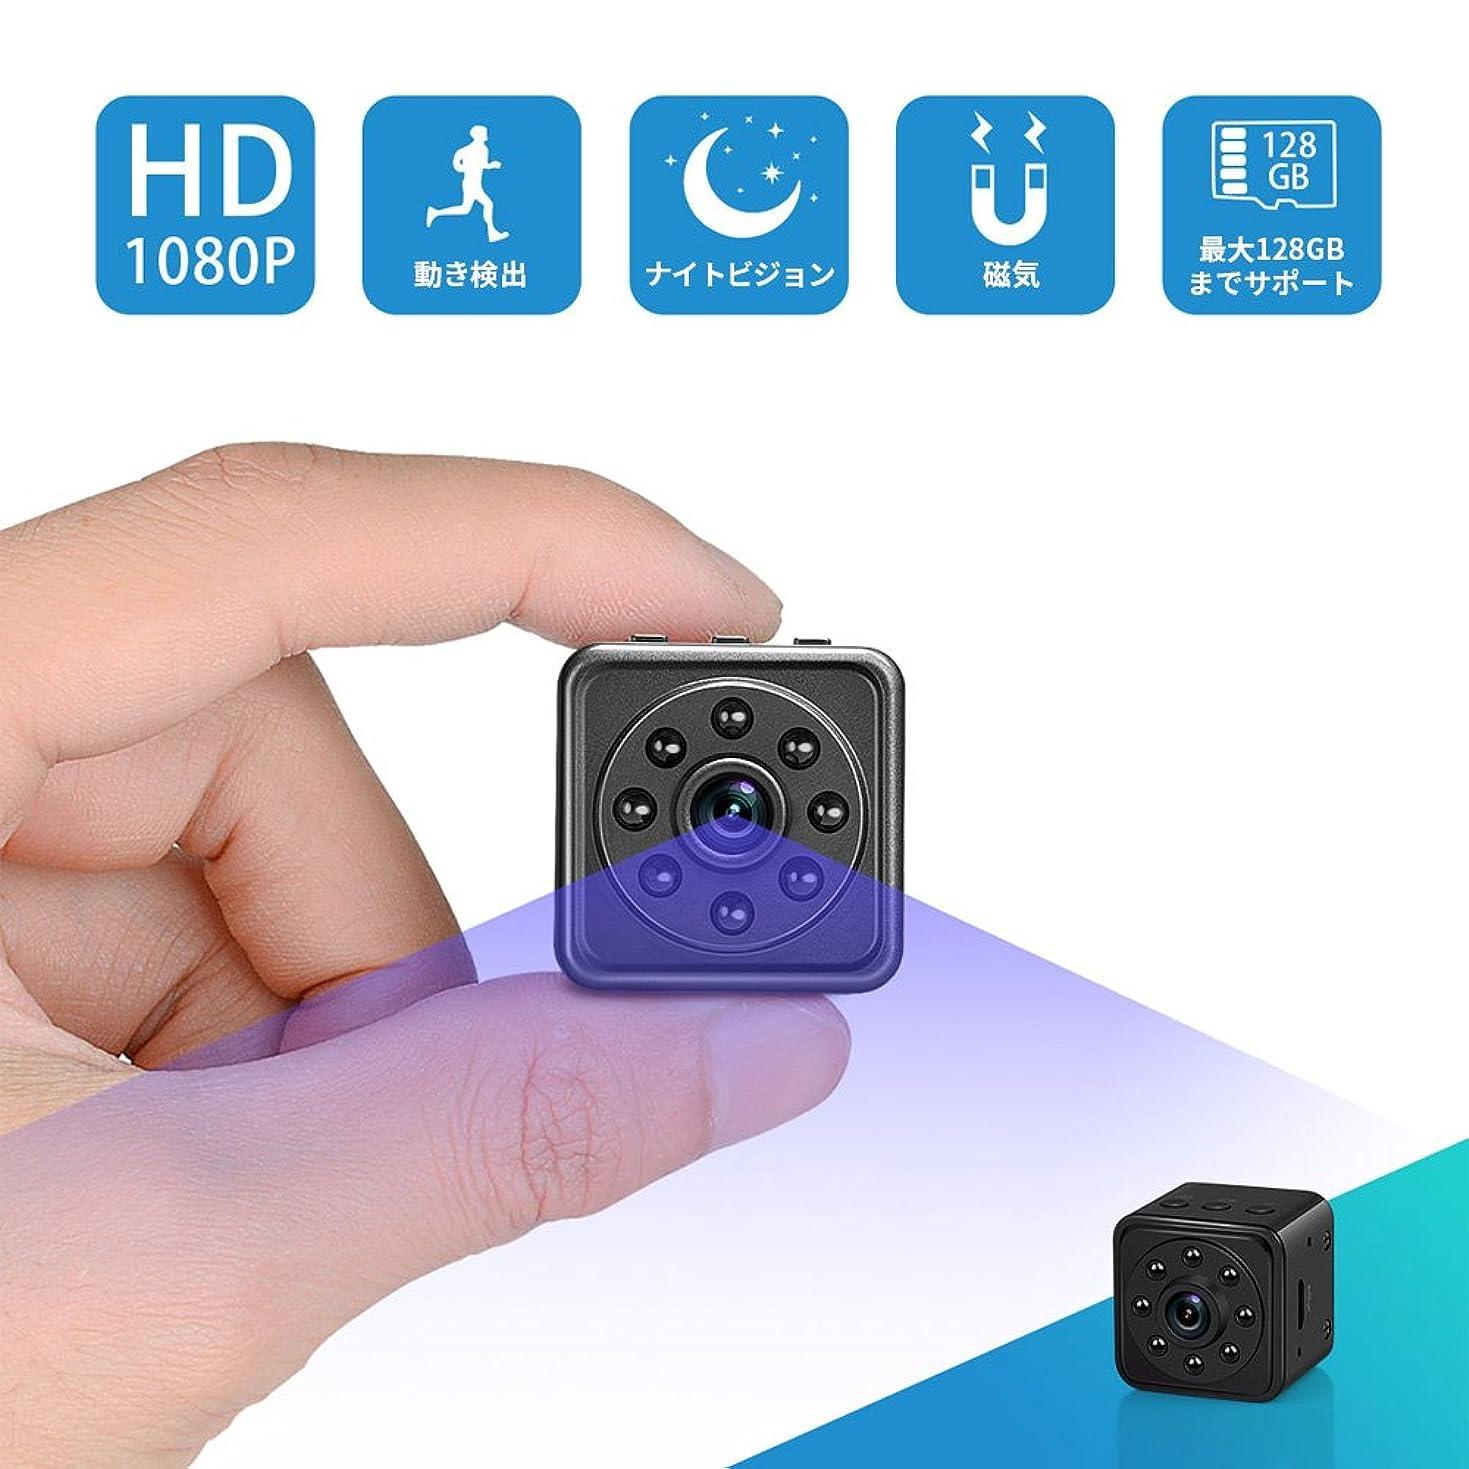 彼らバリーフェリー超小型隠しカメラ SILLEYE 1080P 持ち運び可能な監視セキュリティカメラ 動作検知/ 420mAh バッテリー家庭用オフィス用、屋内/屋外用-小型隠しカメラ長時間録画